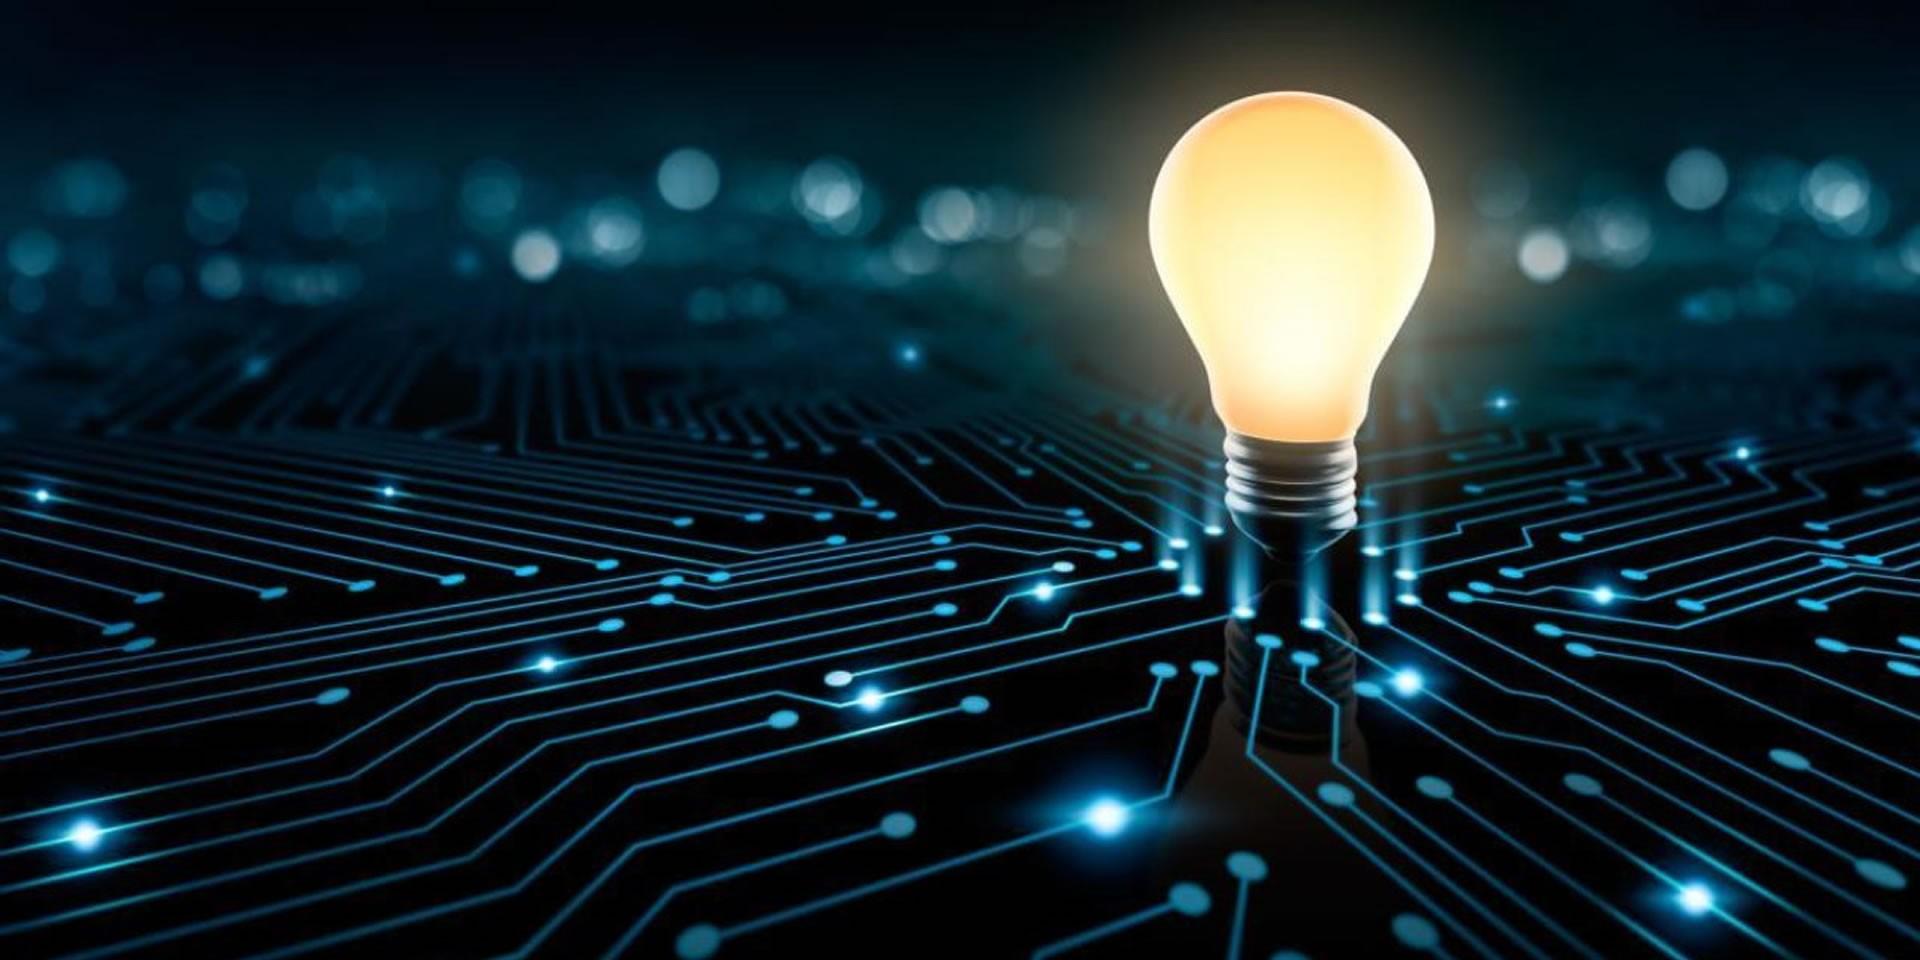 Luce e tecnologia